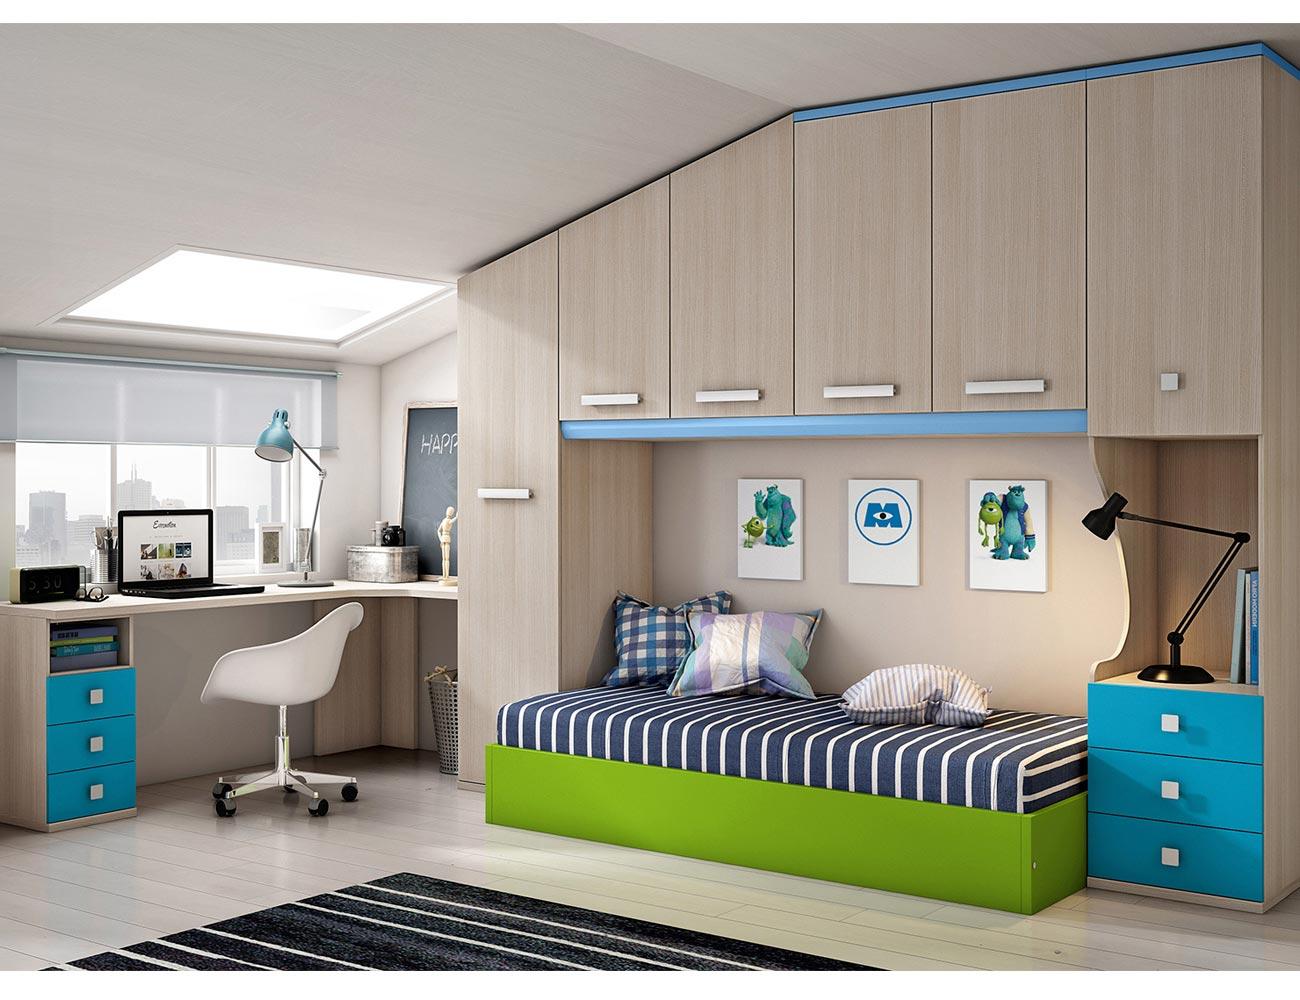 Dormitorio juvenil con puente abuhardillado 13150 factory del mueble utrera - Factory del mueble utrera ...